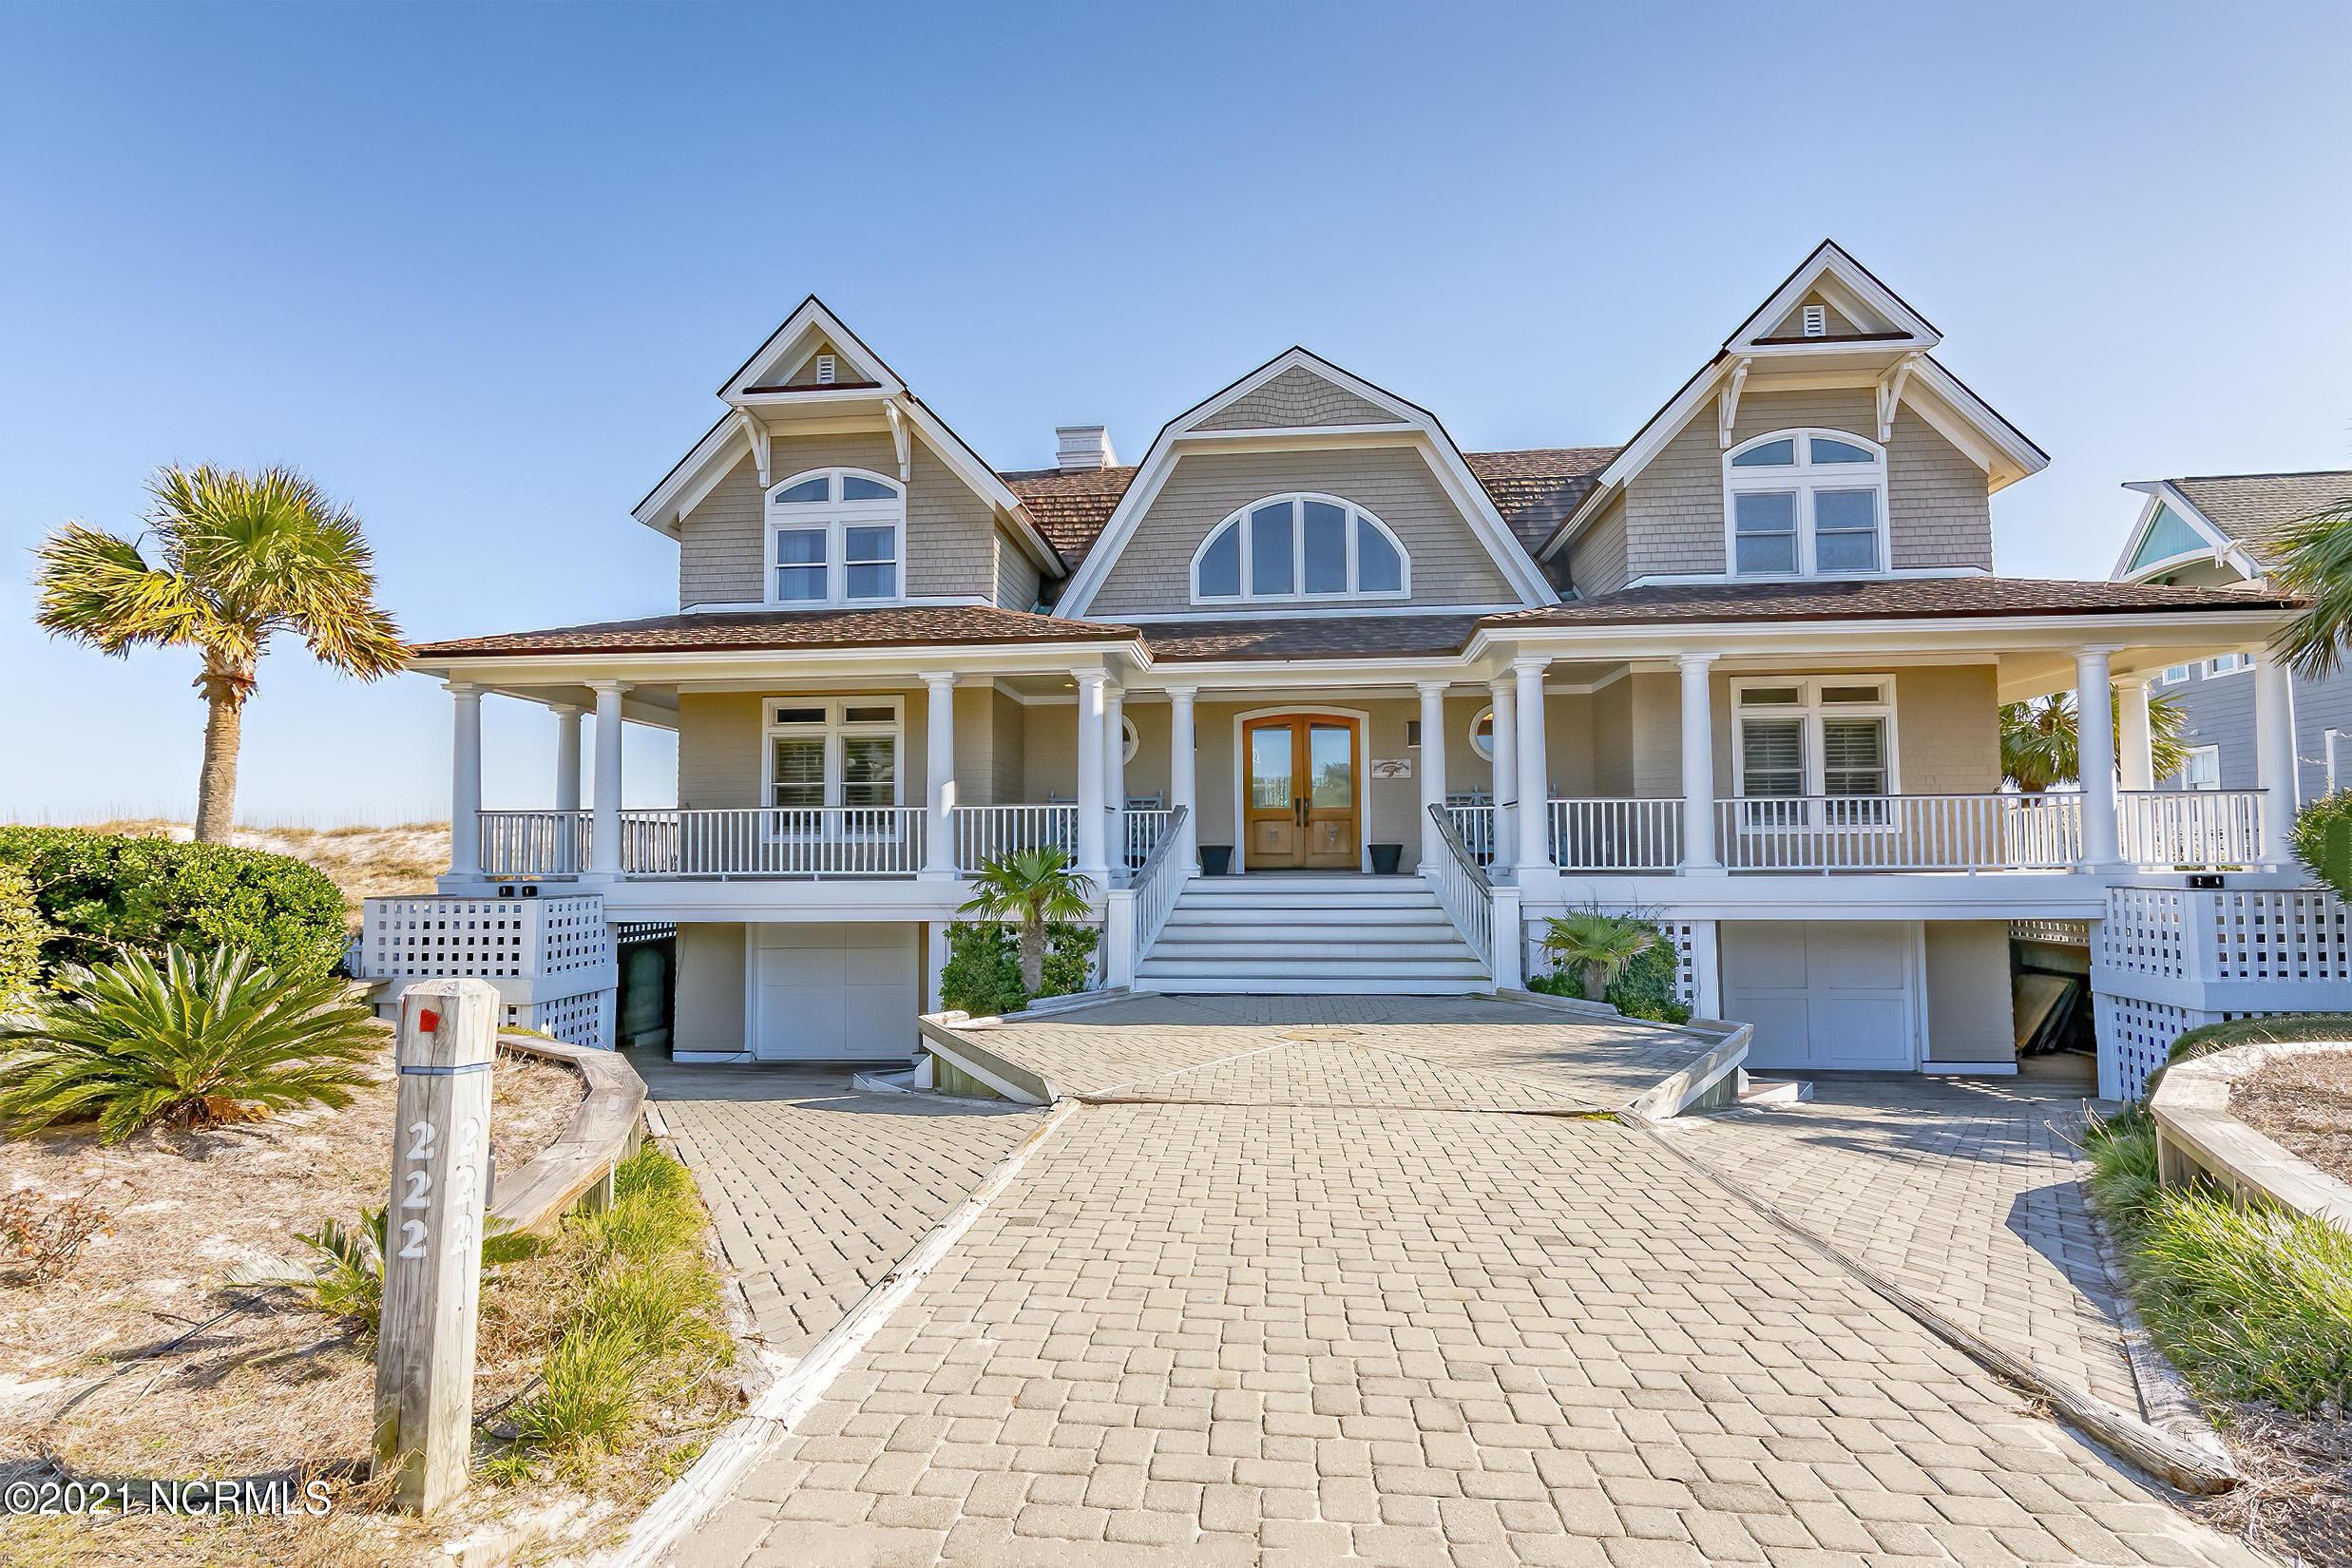 222 Station House Way Bald Head Island, NC 28461